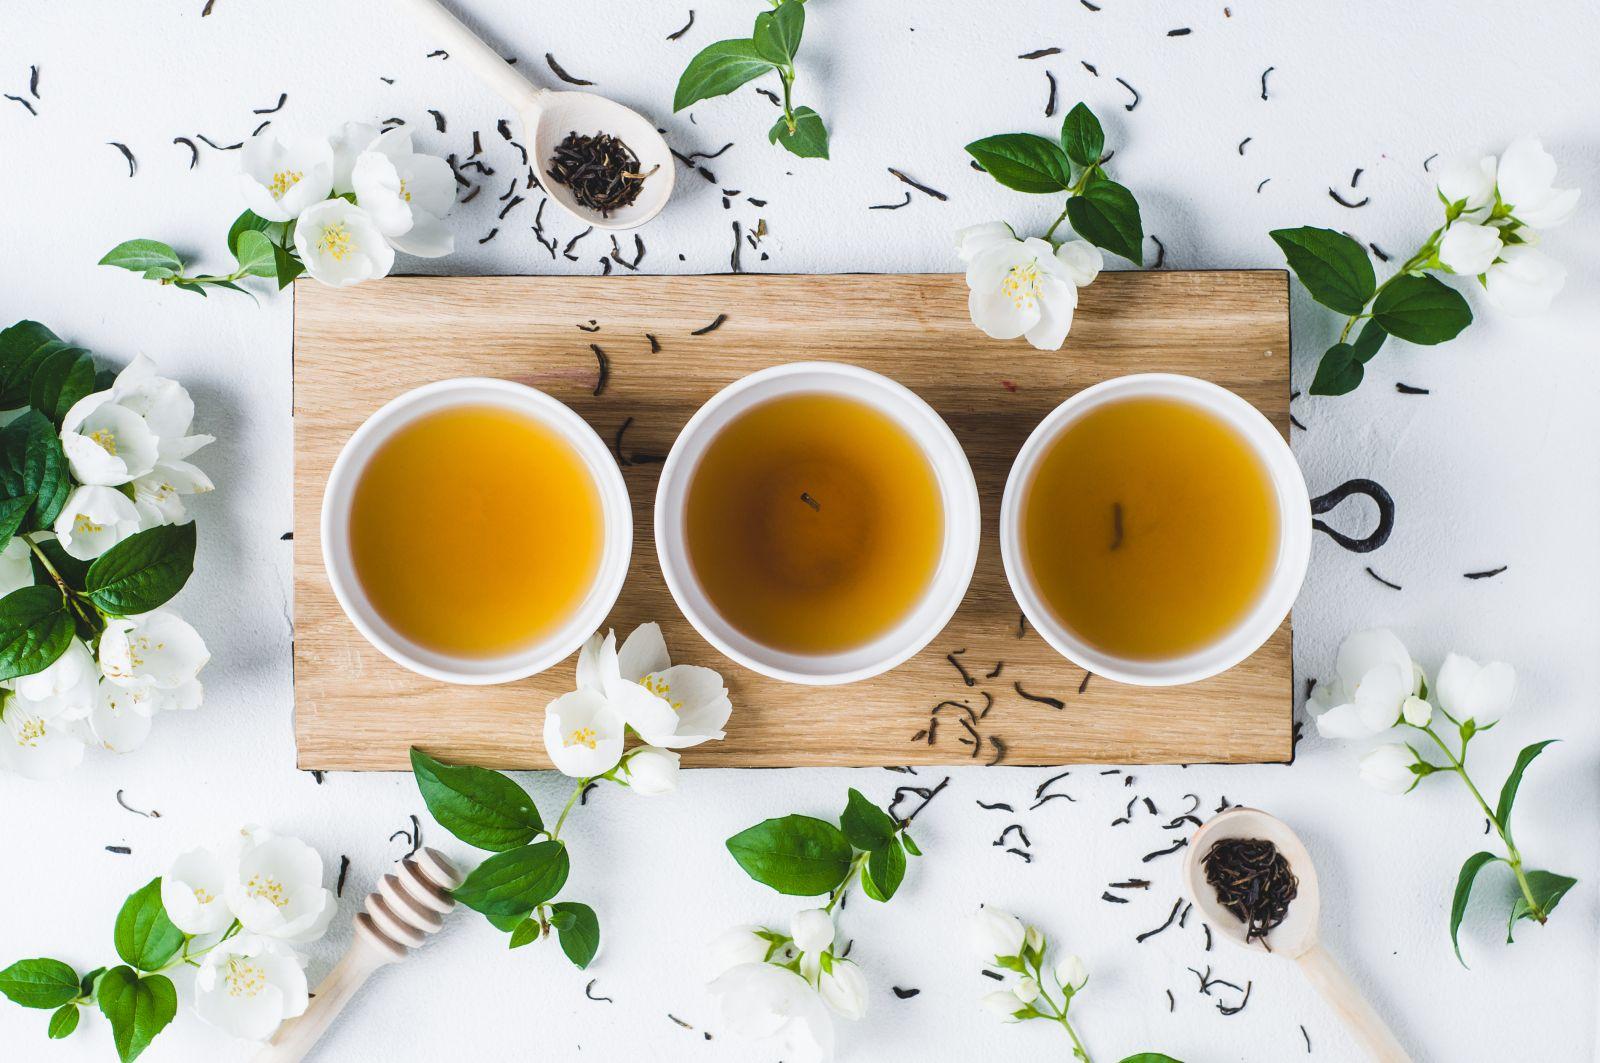 Krásne voňavý a liečivý Jazmínový čaj, aké má vlastnosti?